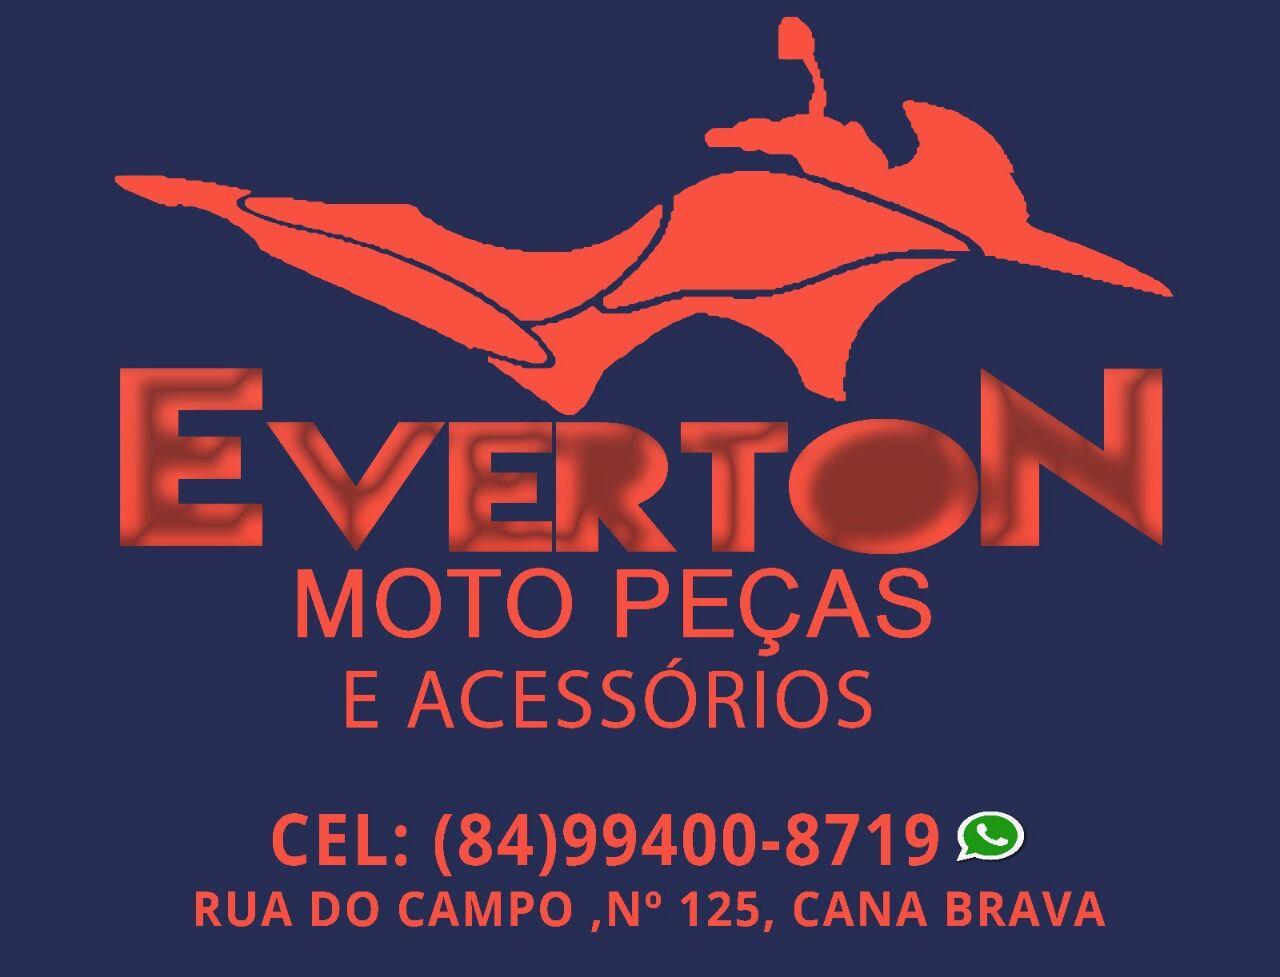 EVERTON MOTO PEÇAS